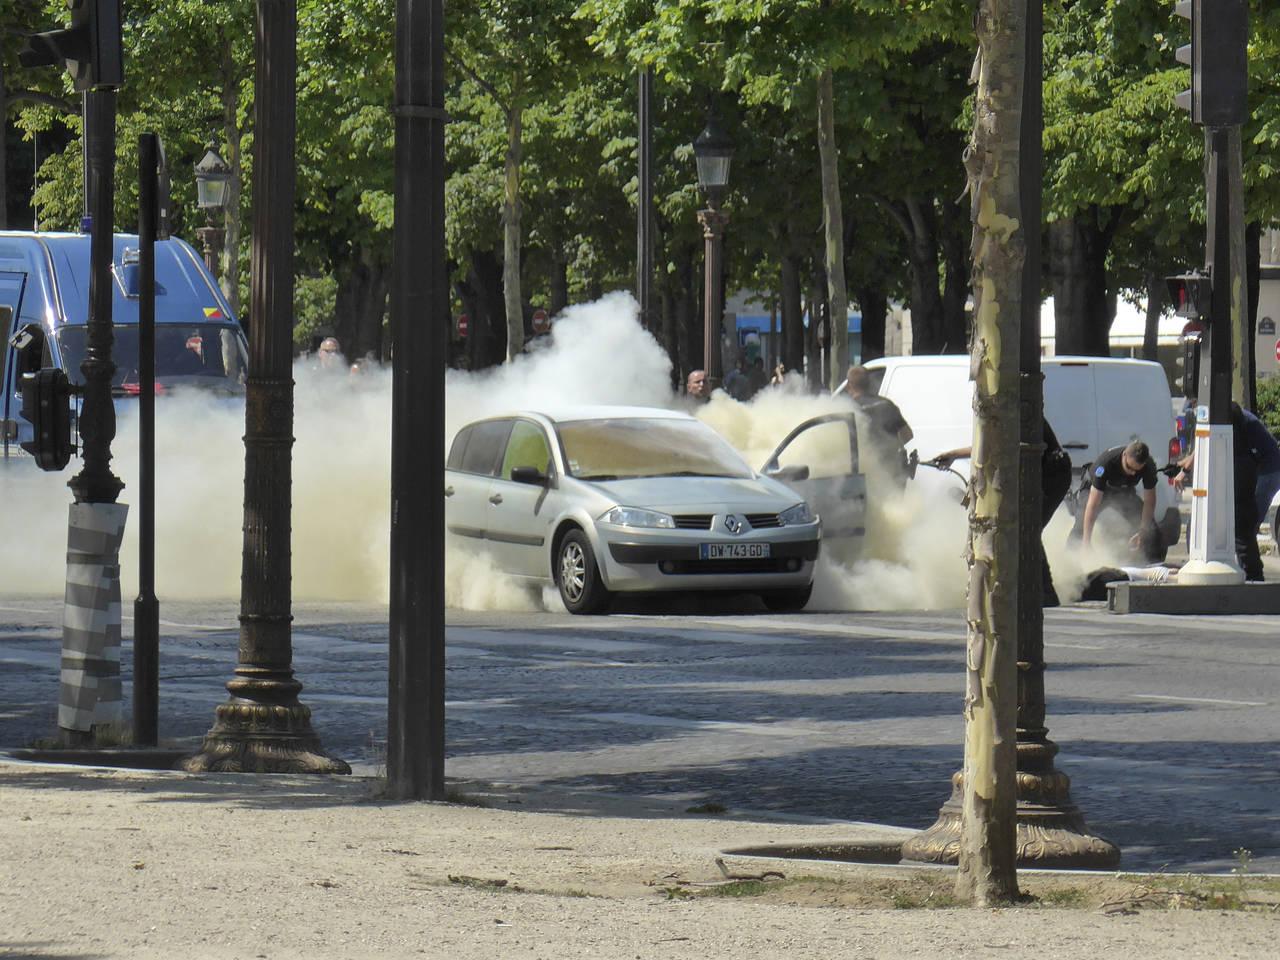 El terrorismo vuelve a intentar golpear a París